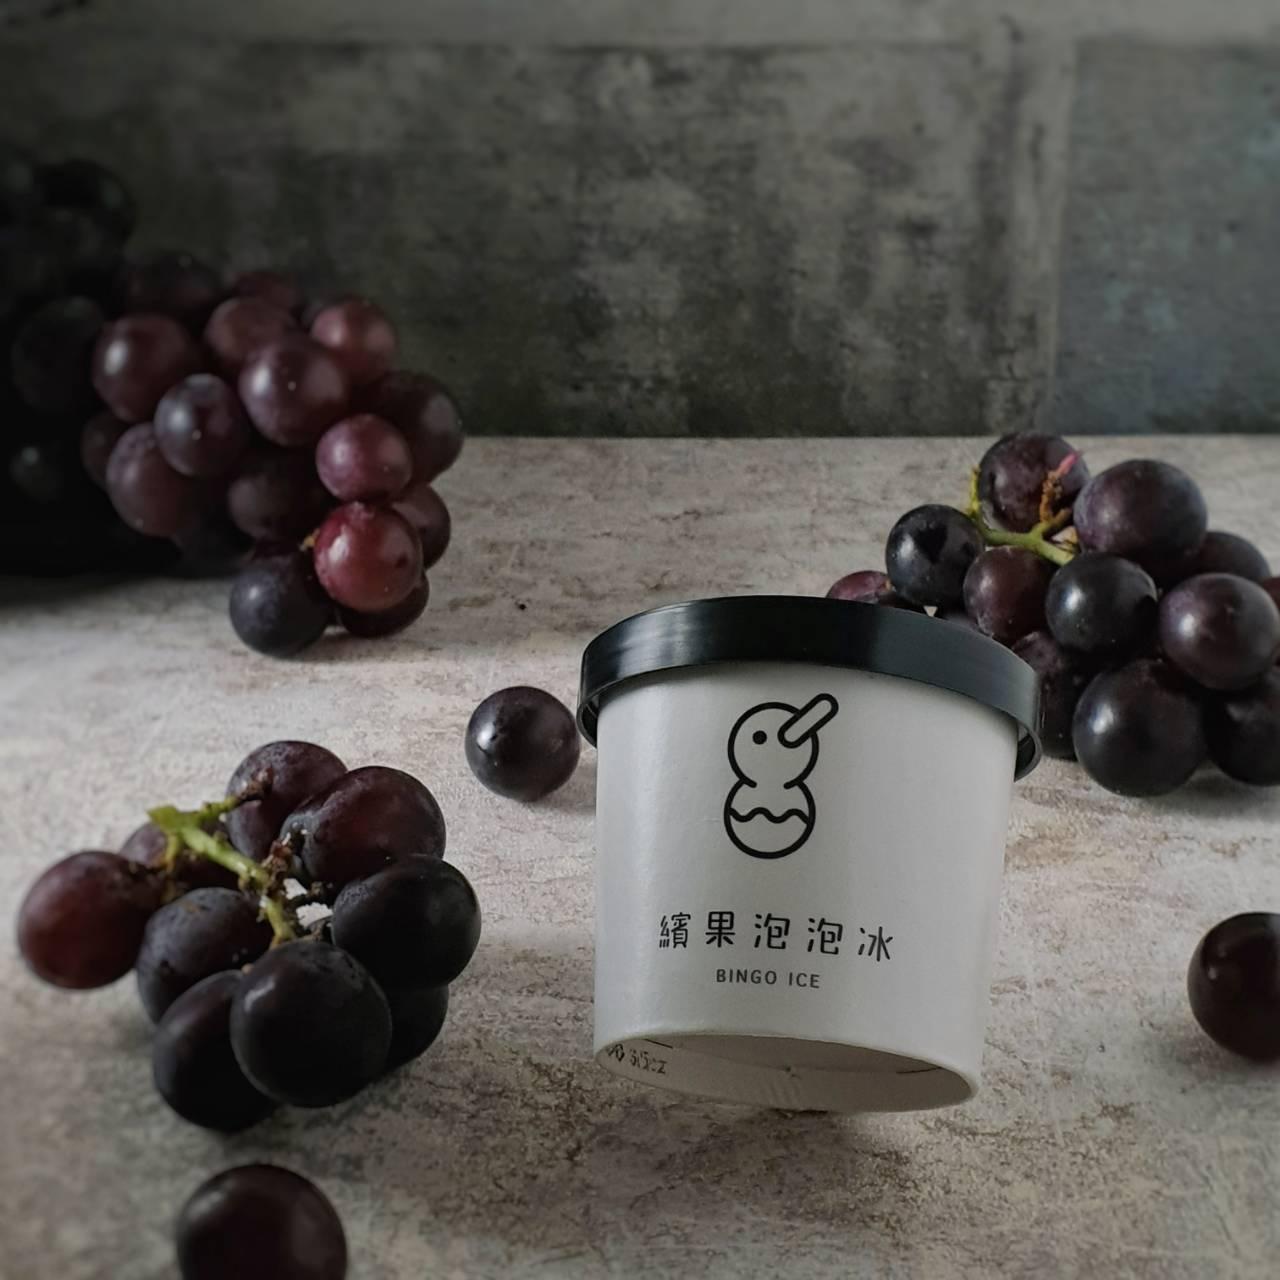 繽果泡泡冰 清甜葡萄冰 105ml 葡萄 水果 冰淇淋